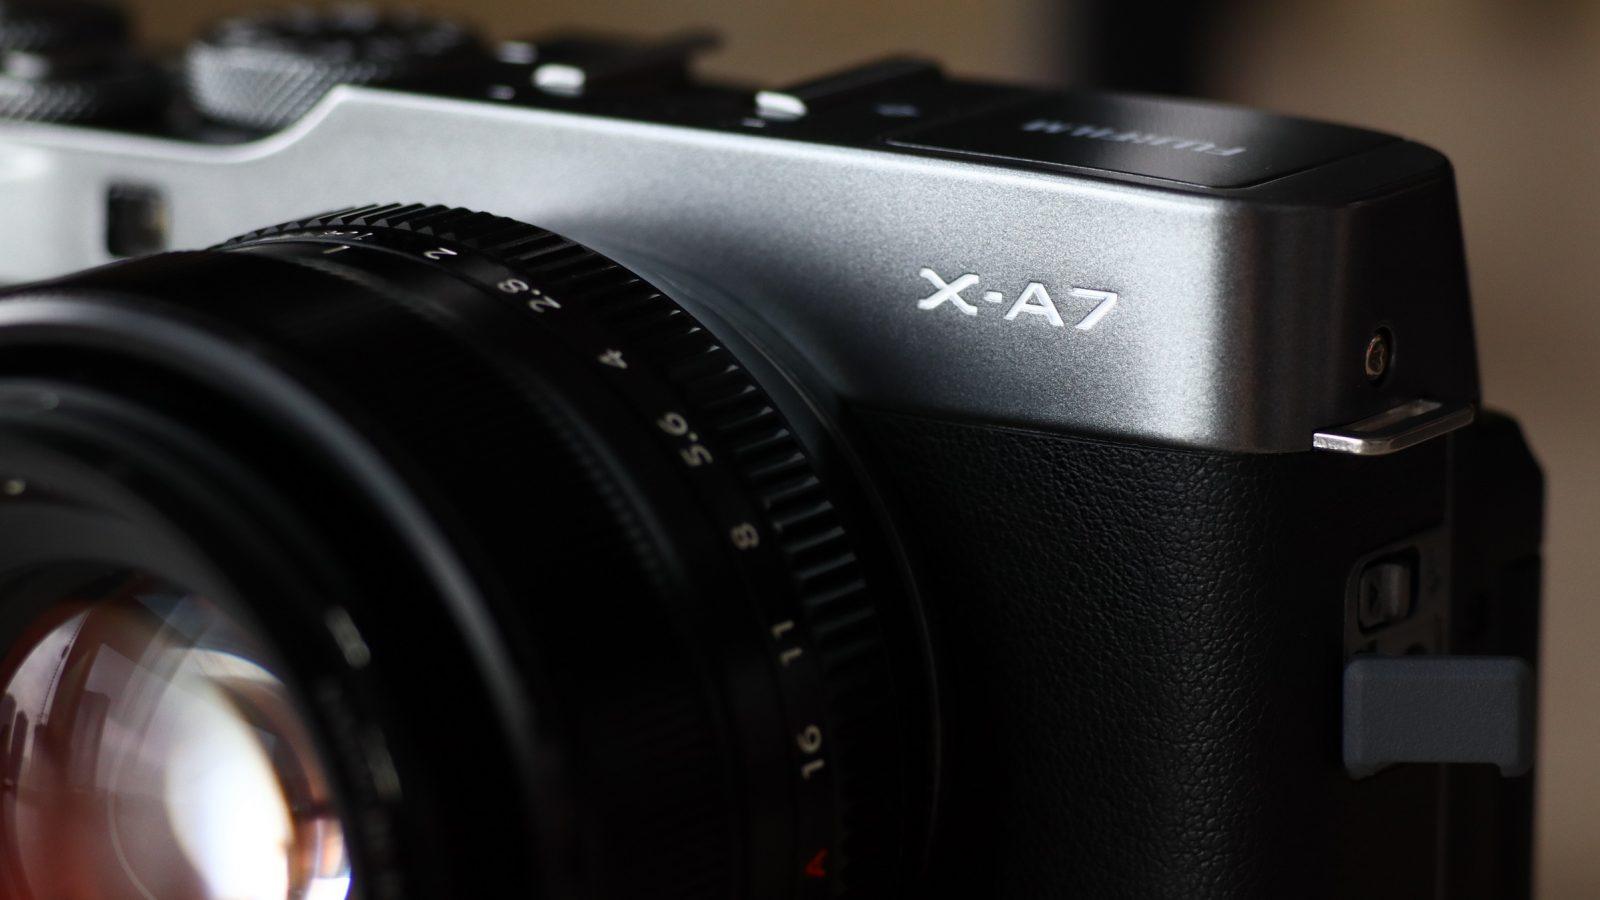 Fujifilm trình làng X-A7: nâng cấp đáng kể từ Fujifilm X-A5 | 50mm Vietnam